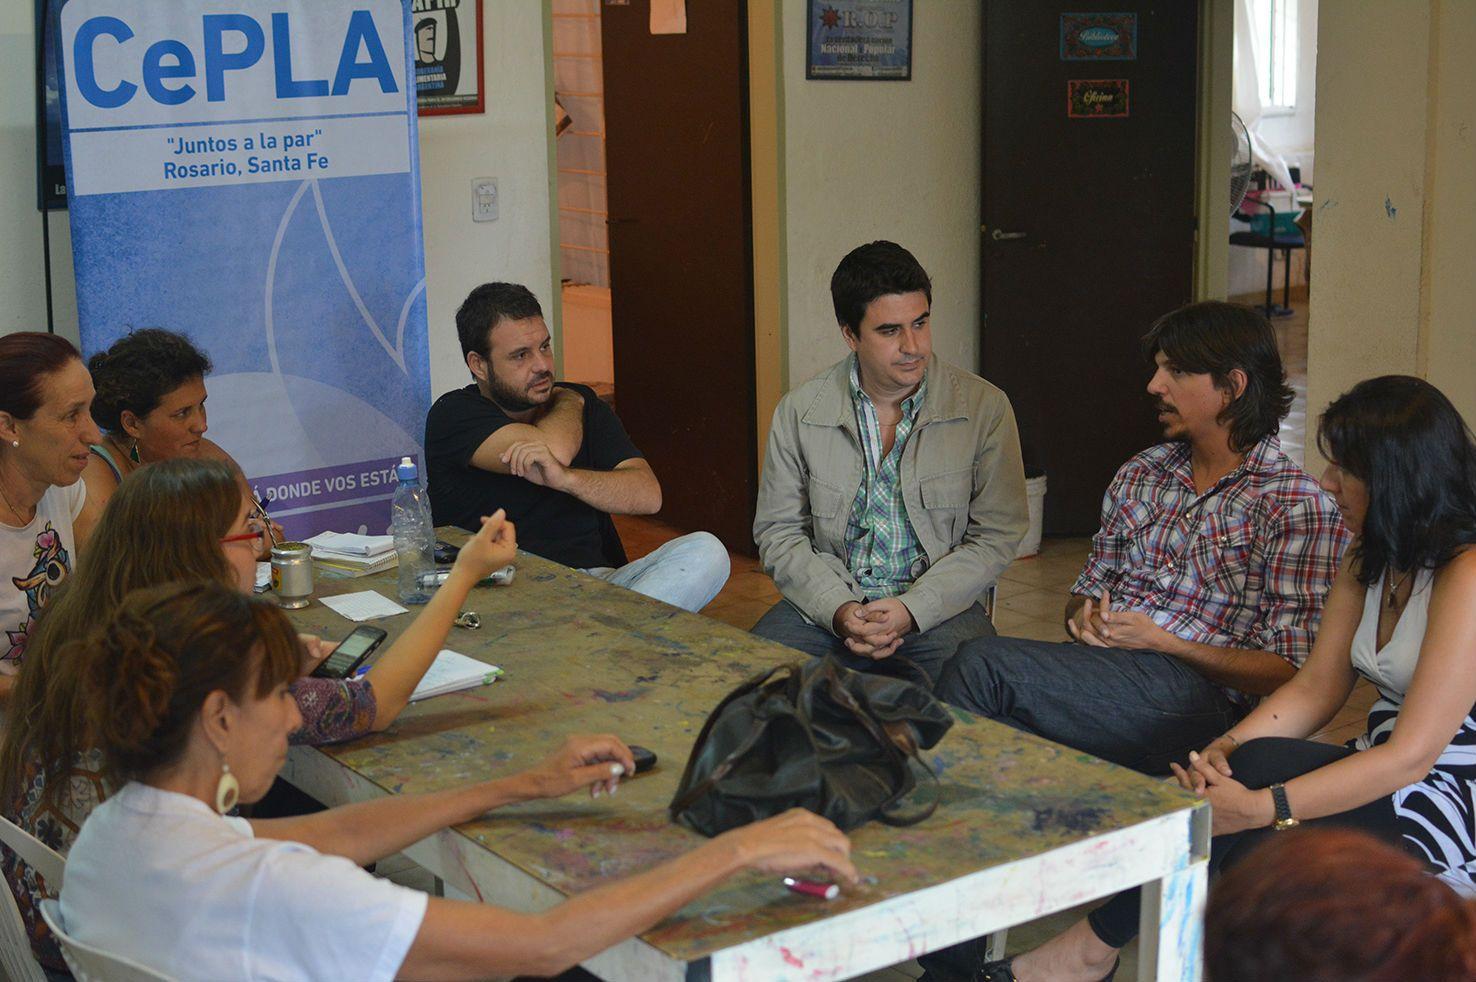 Tonioli destacó la la creación de los centros preventivos y terapéuticos de la Sedronar en el combate contra la droga.